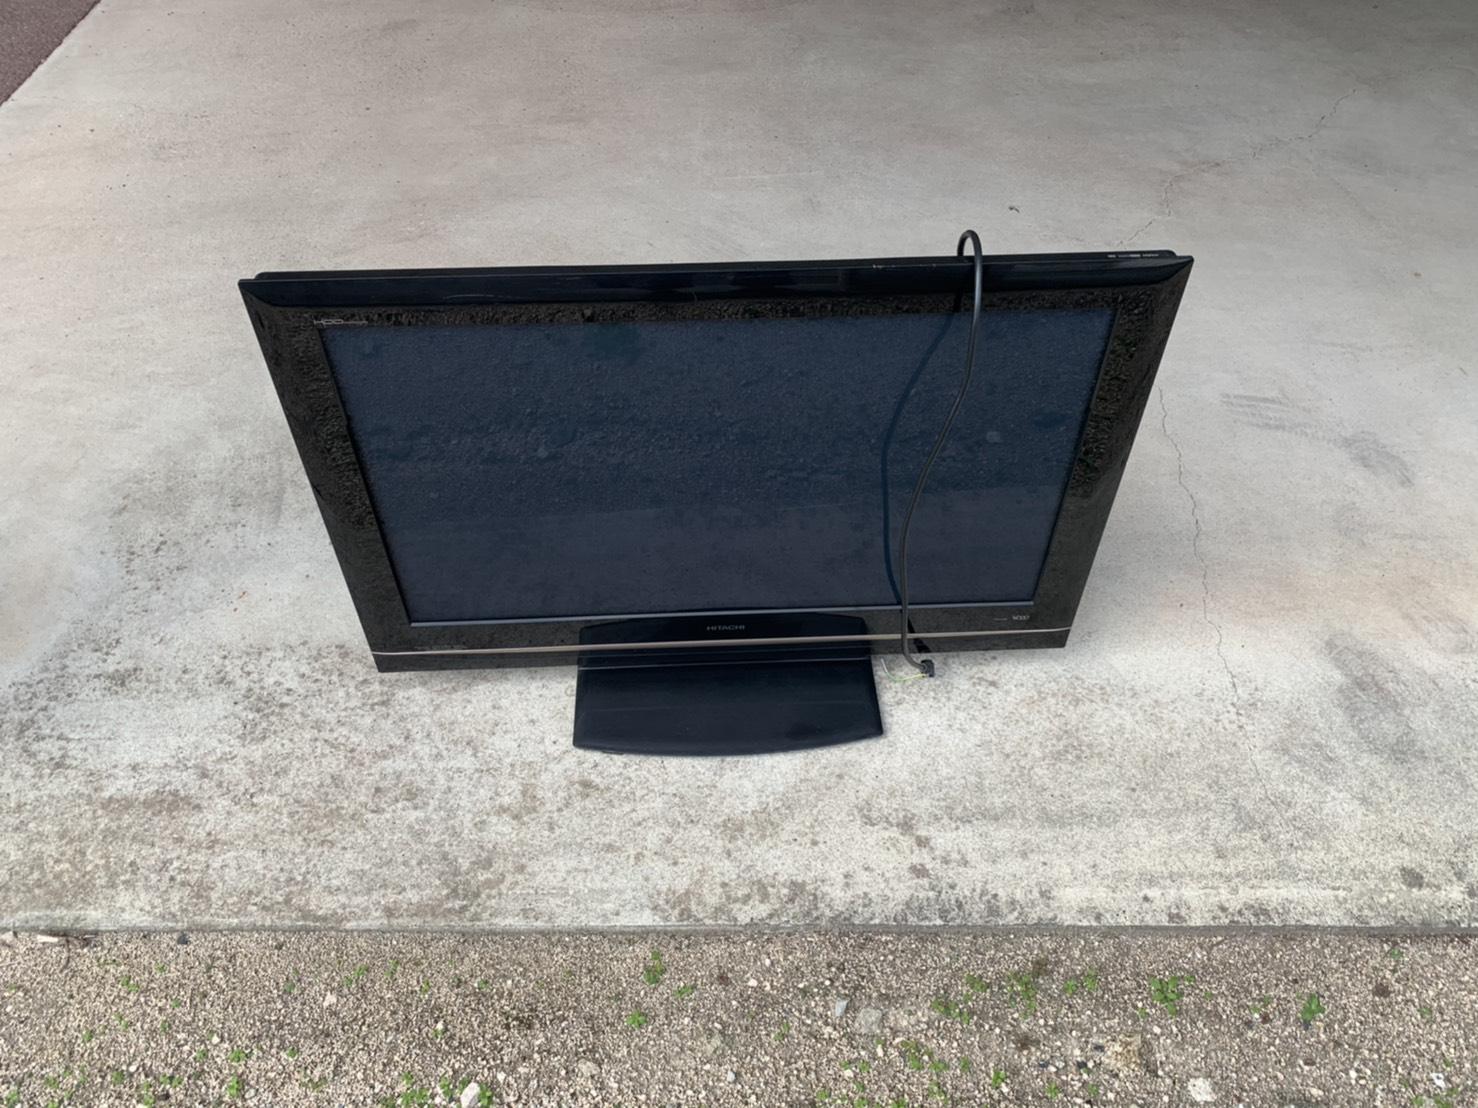 テレビの回収前